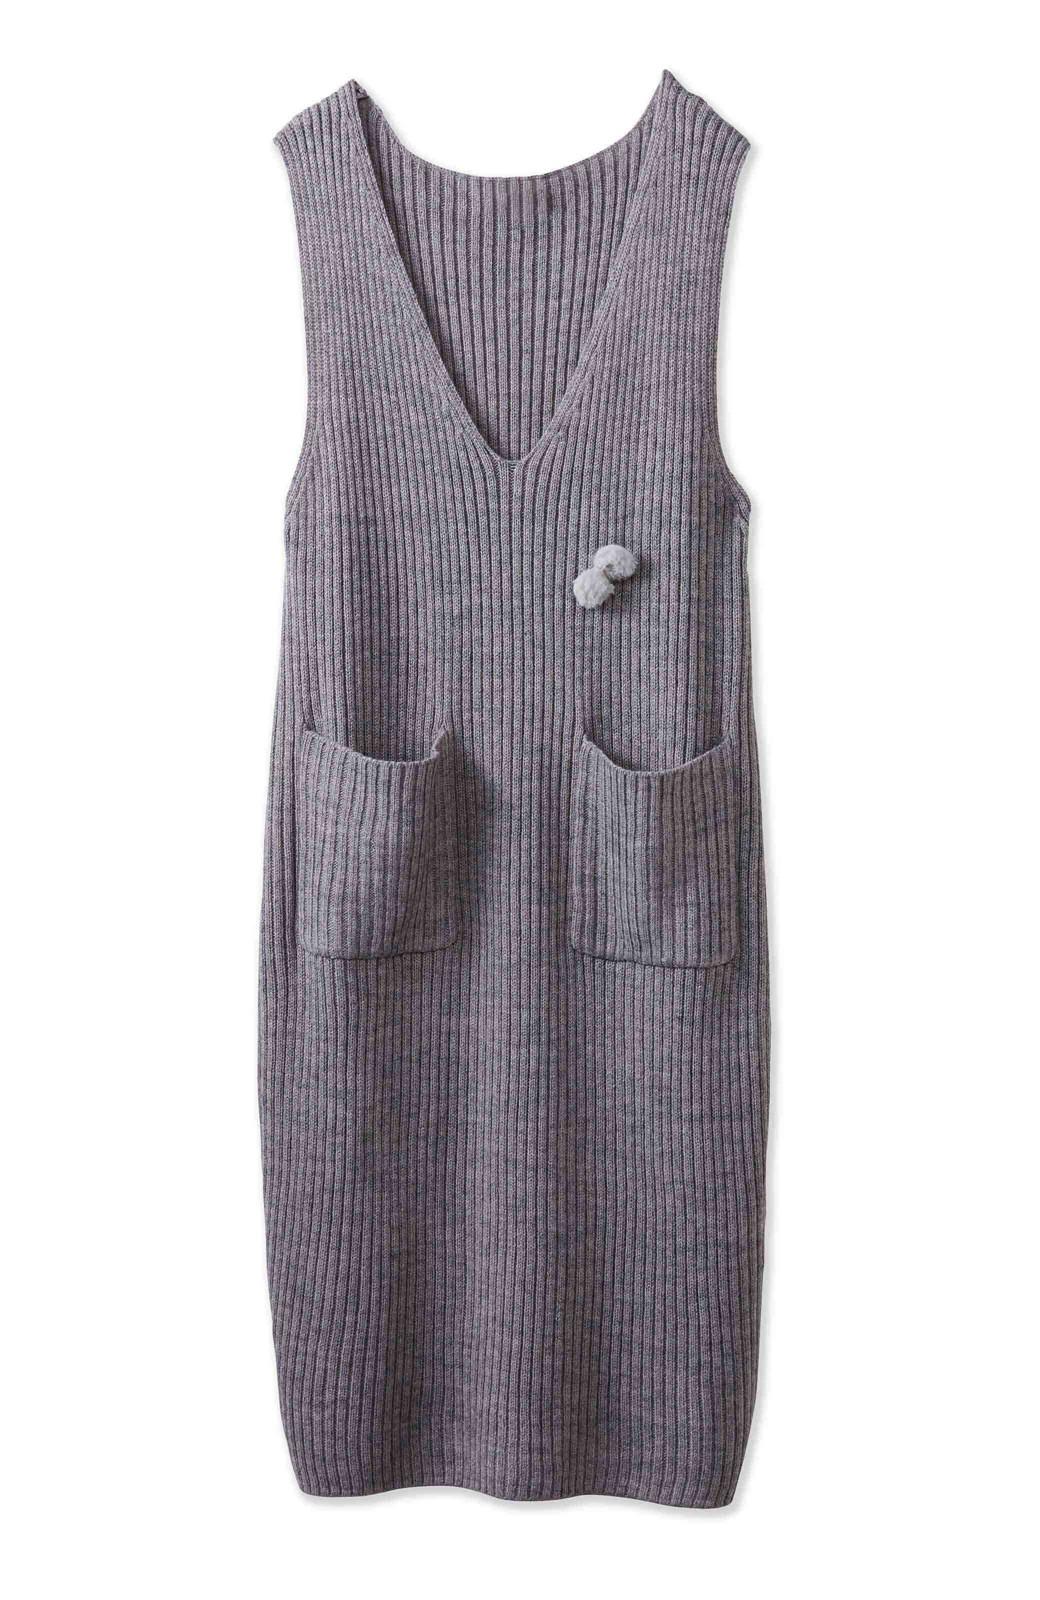 うさぎシルエットのアンチピリングニットジャンパースカート <グレー>の商品写真